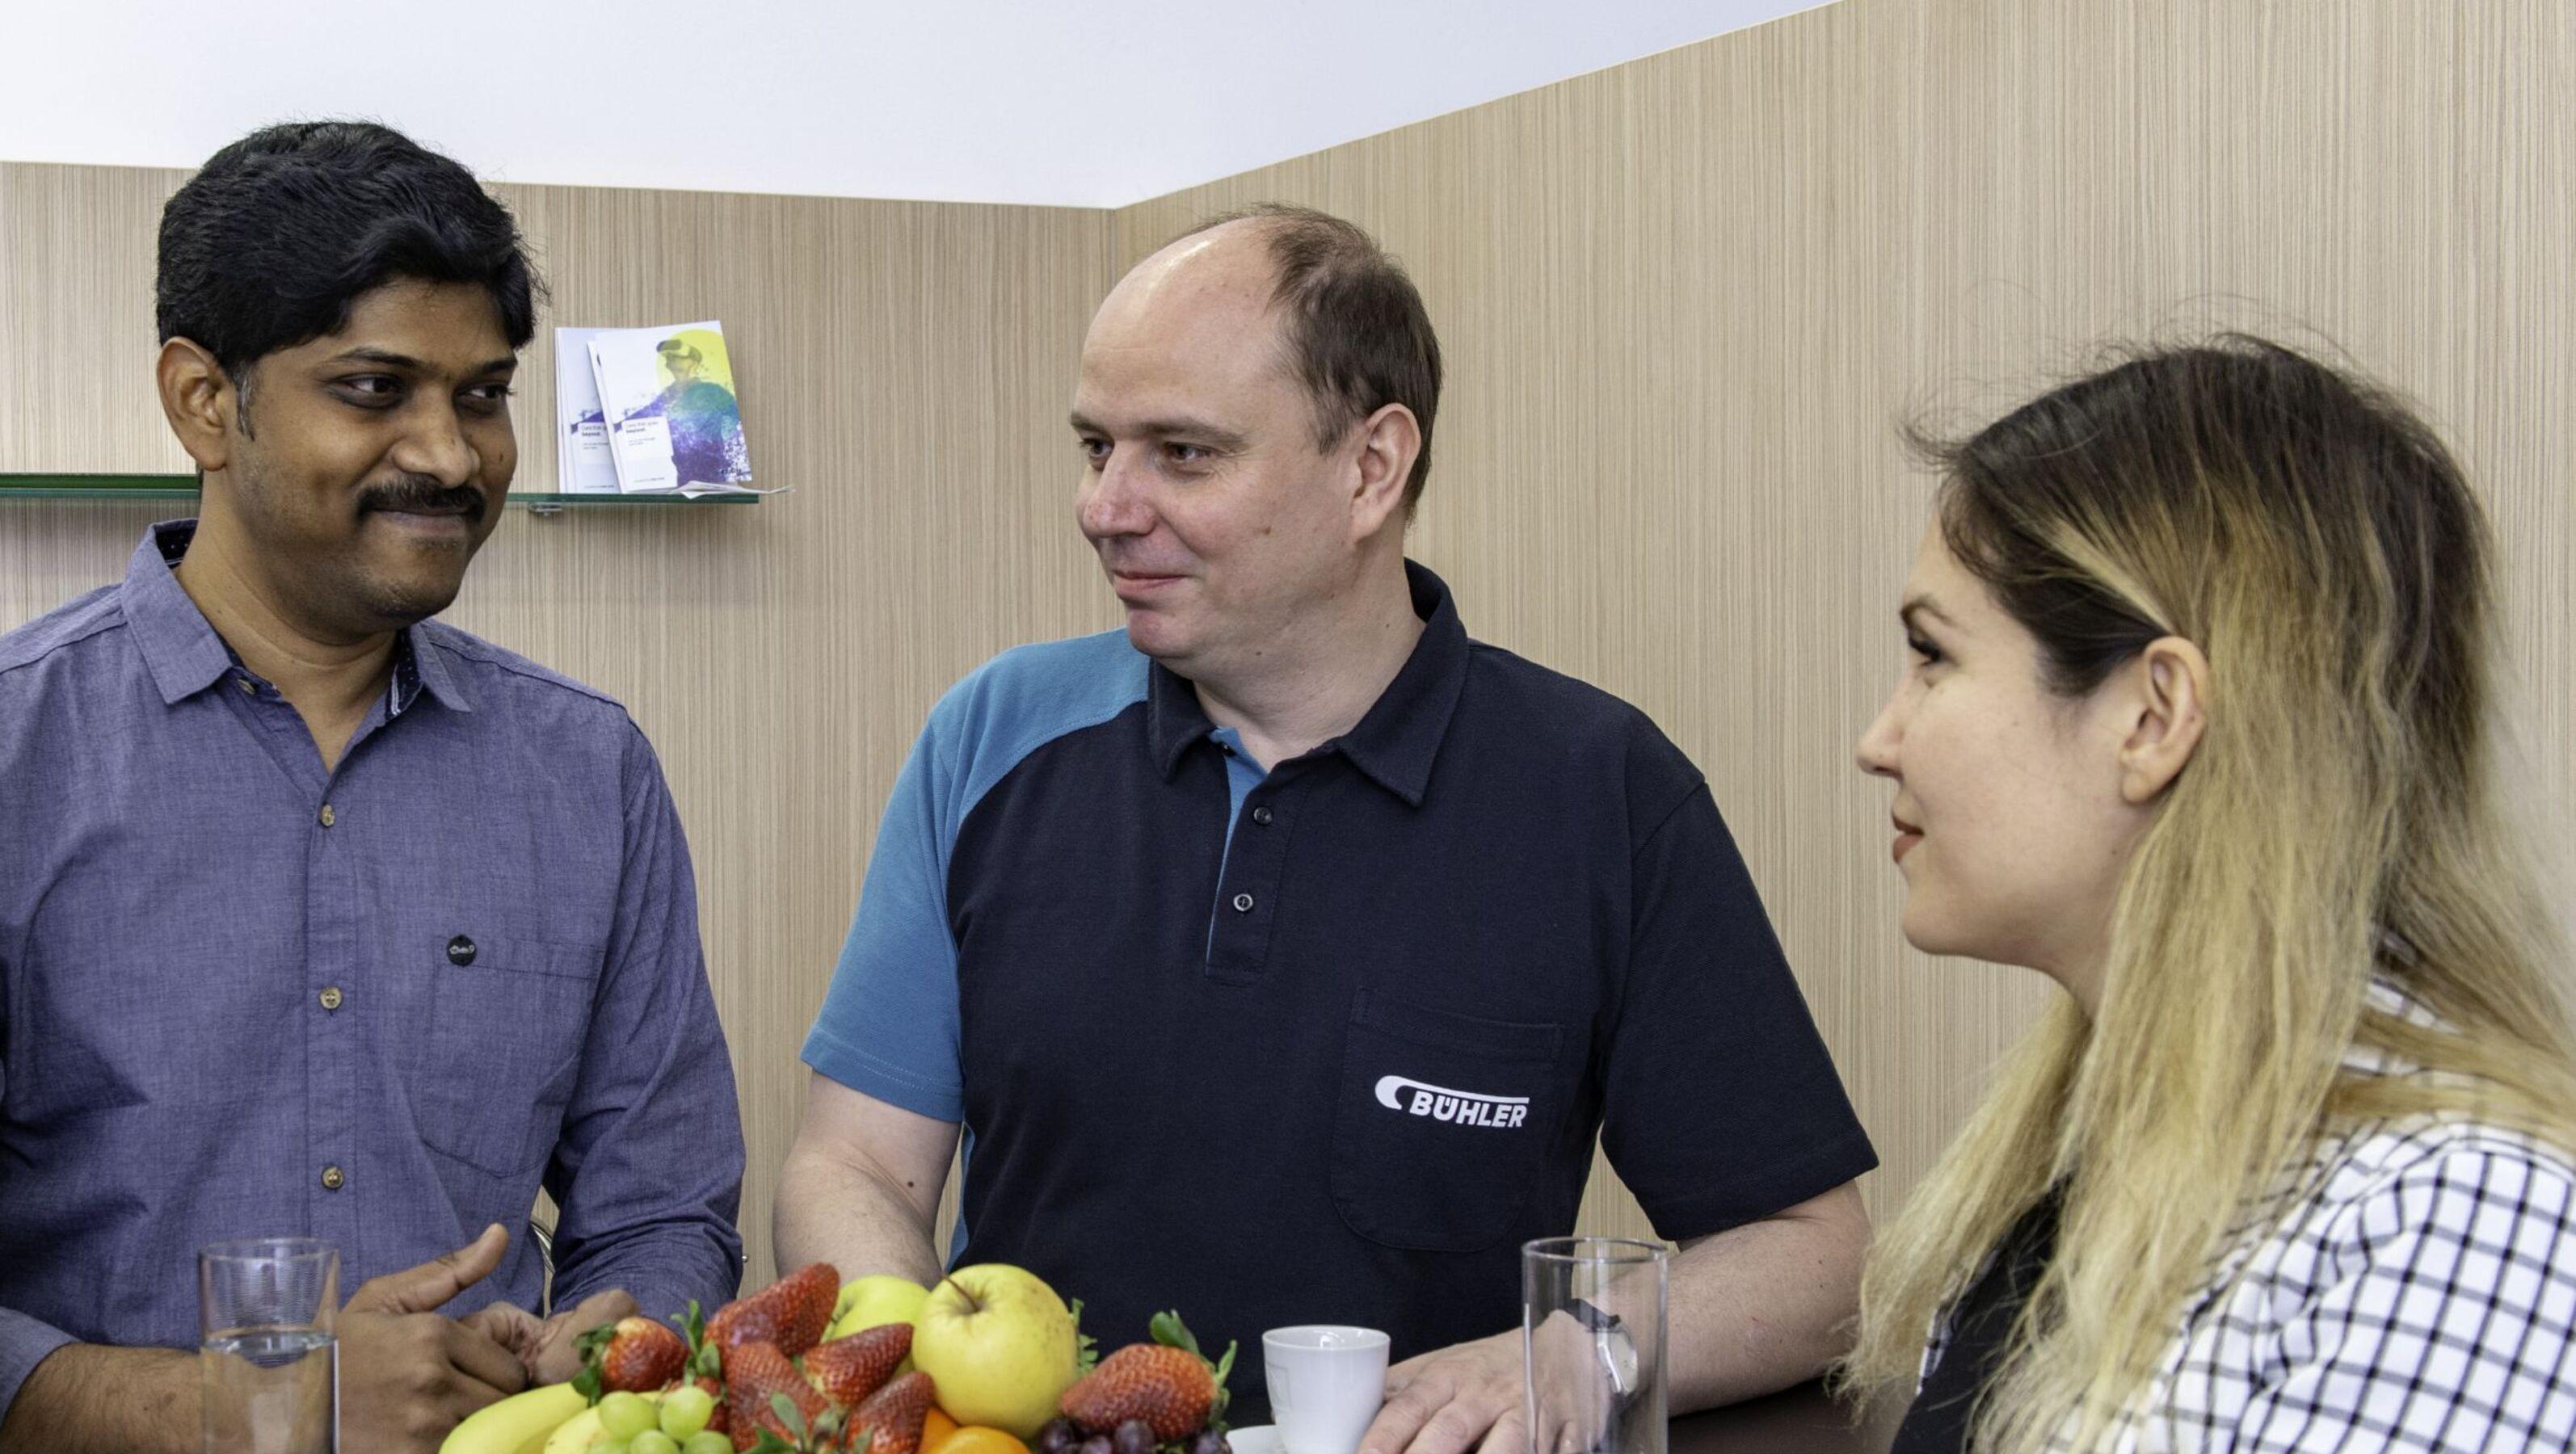 Un formador y un cliente de Bühler tomando café en la cafetería durante una pausa.